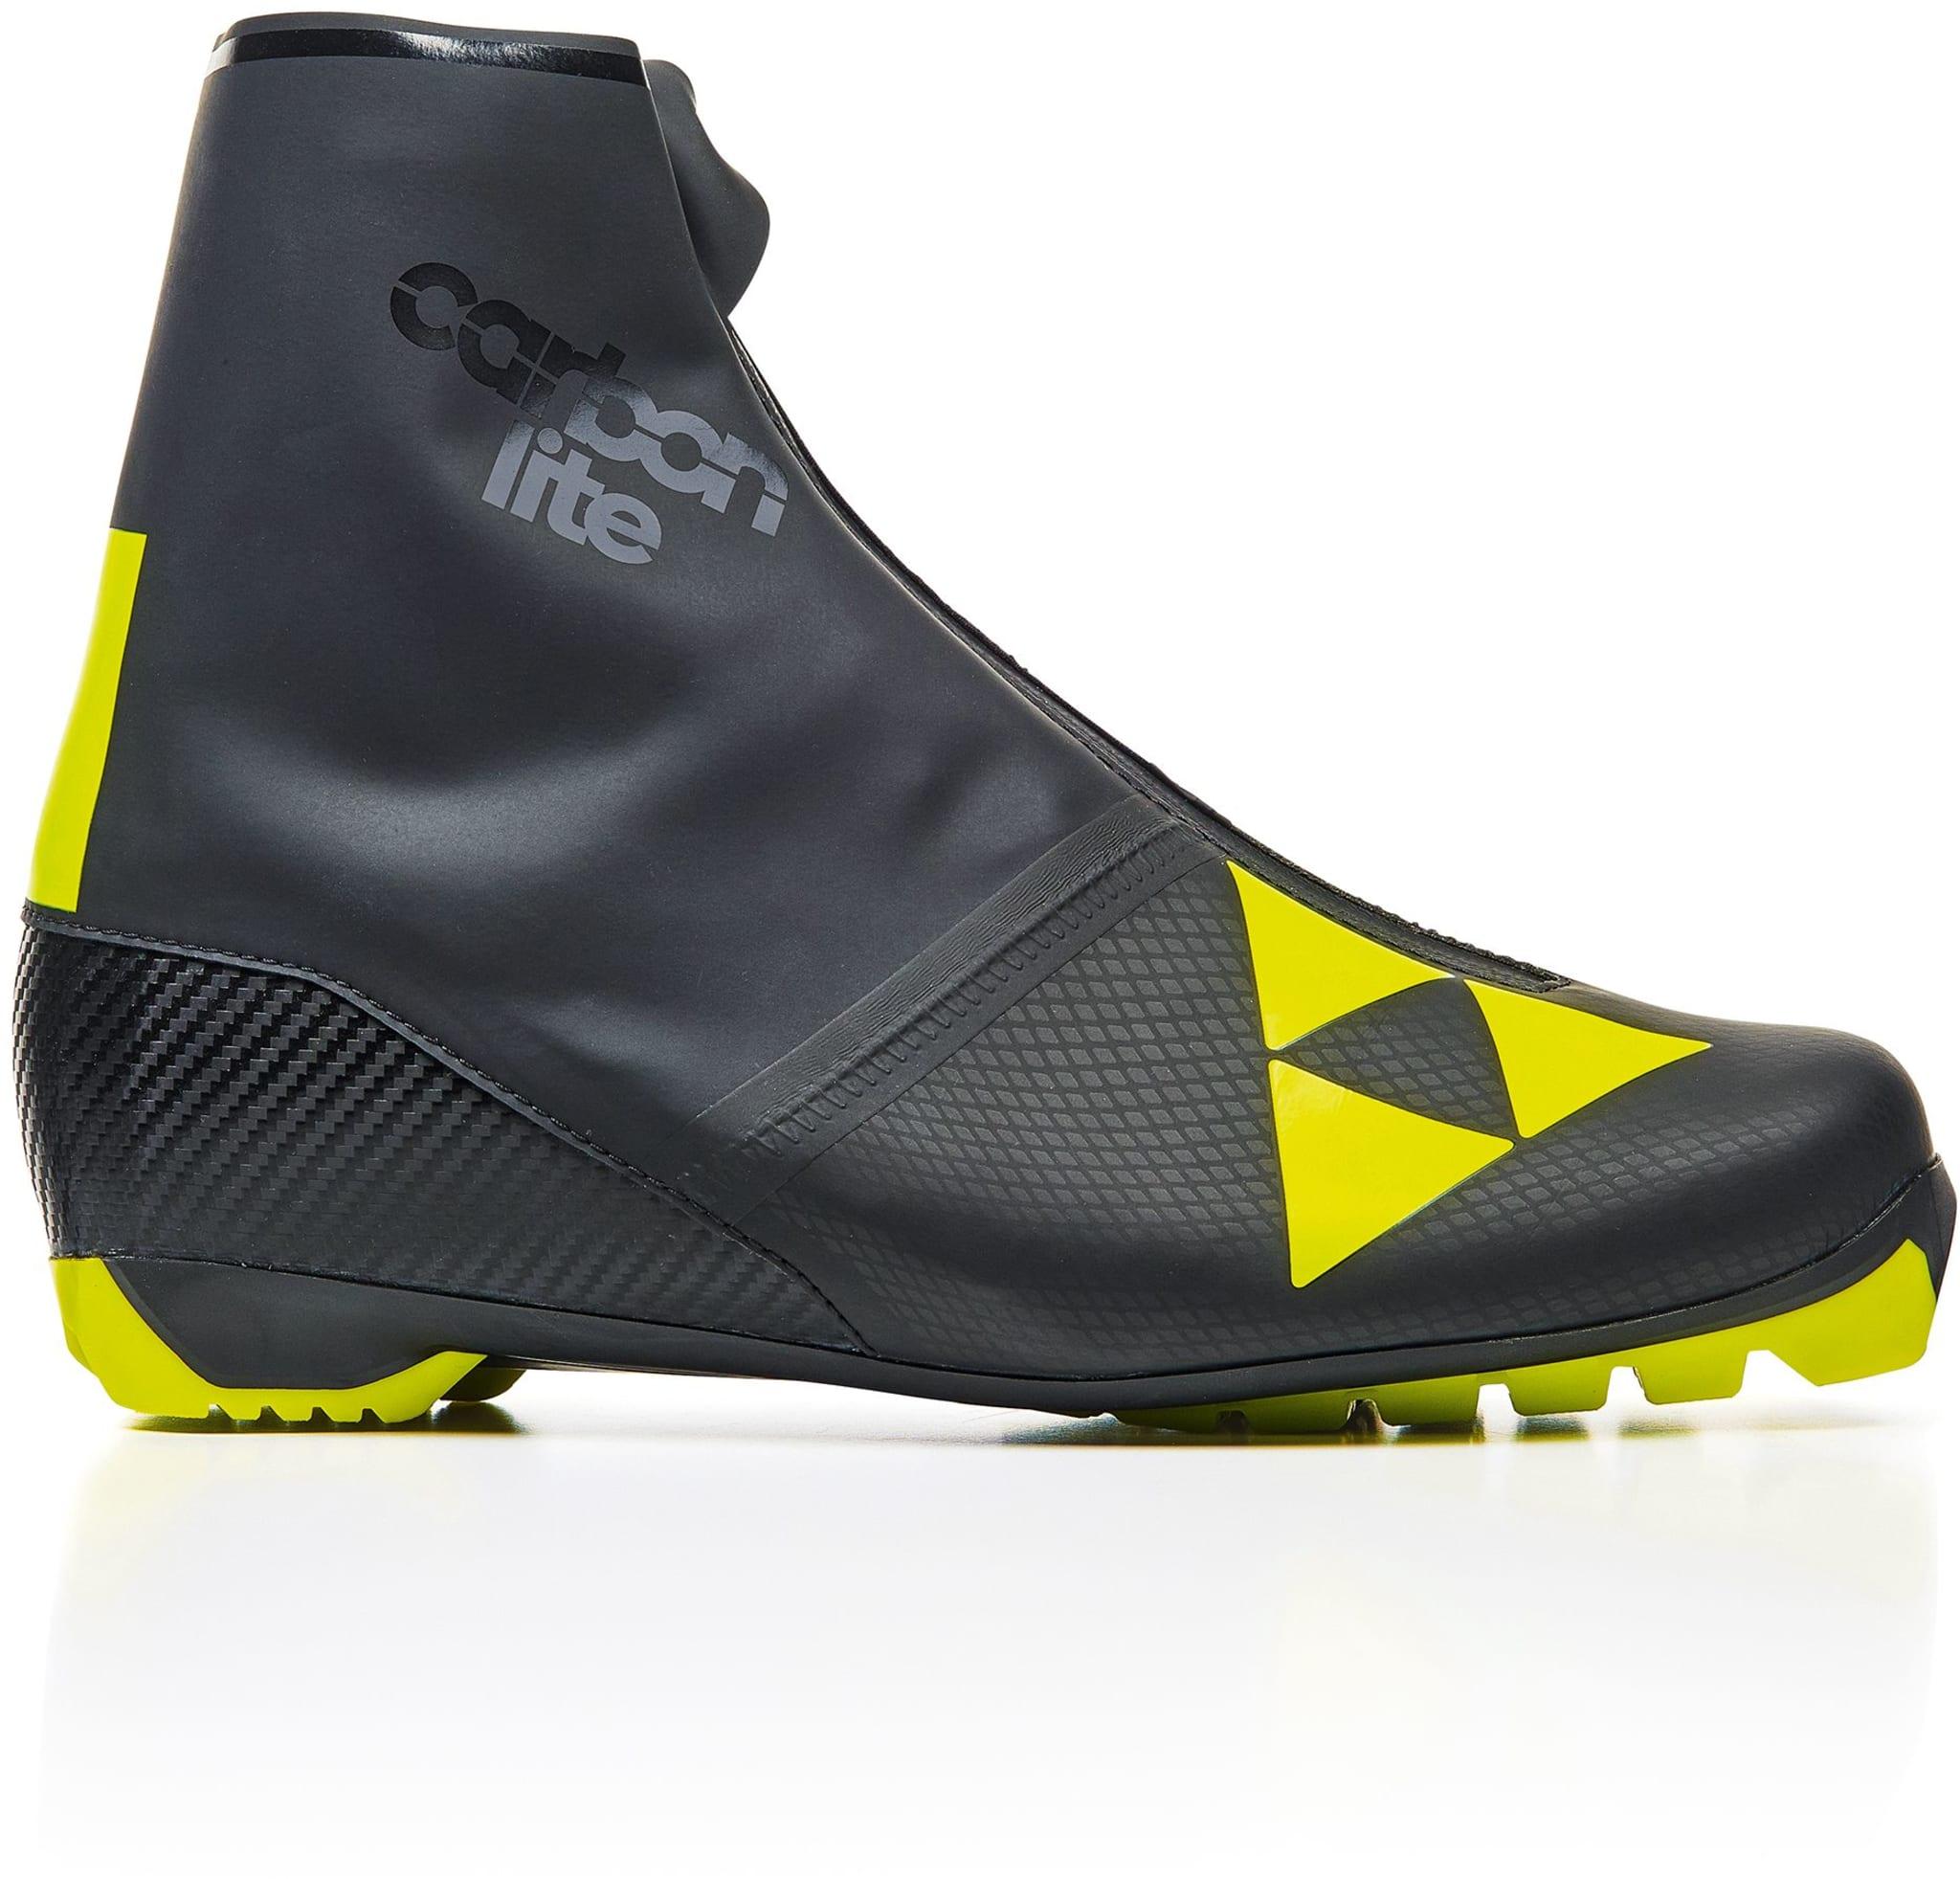 Ny utgave av Carbonlite skoen!